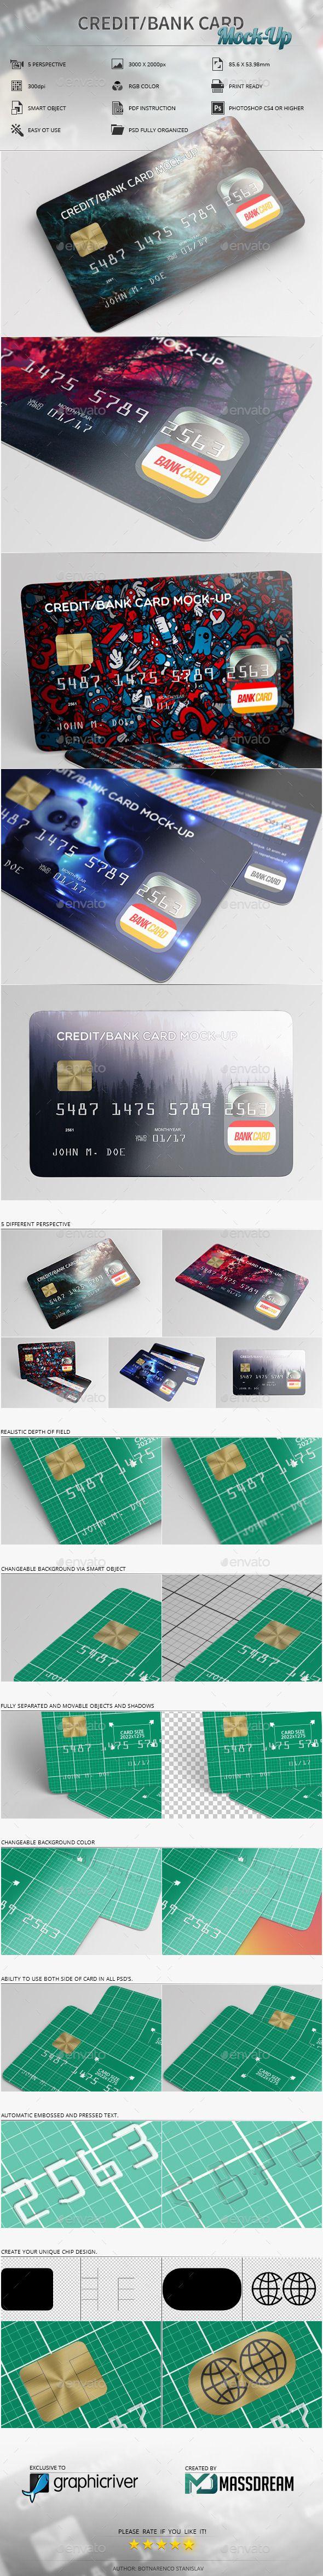 Credit / Bank Card Mock-Up #design Download: http://graphicriver.net/item/creditbank-card-mockup/13479621?ref=ksioks